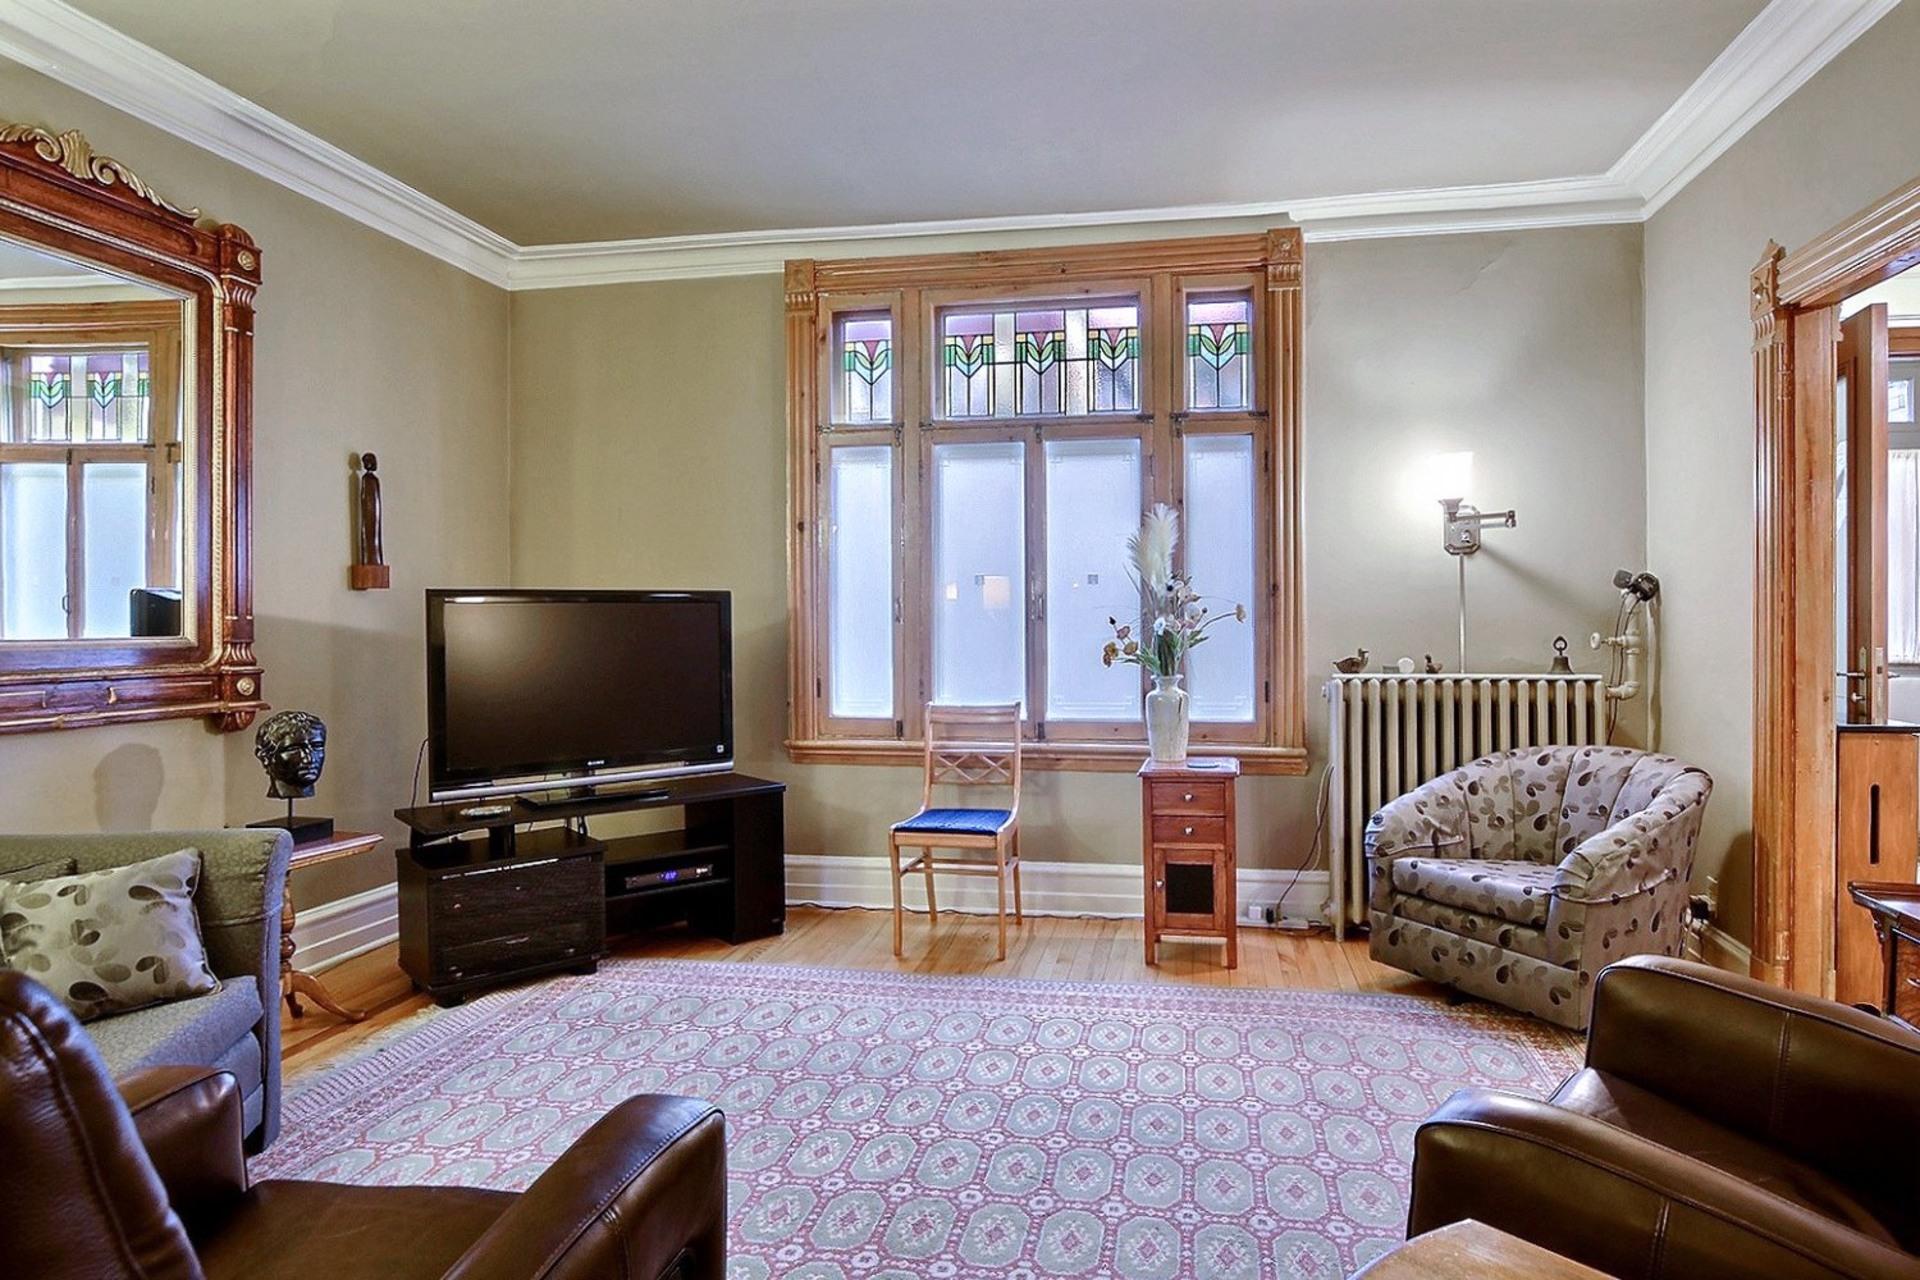 image 2 - Maison À vendre Montréal Rosemont/La Petite-Patrie  - 12 pièces